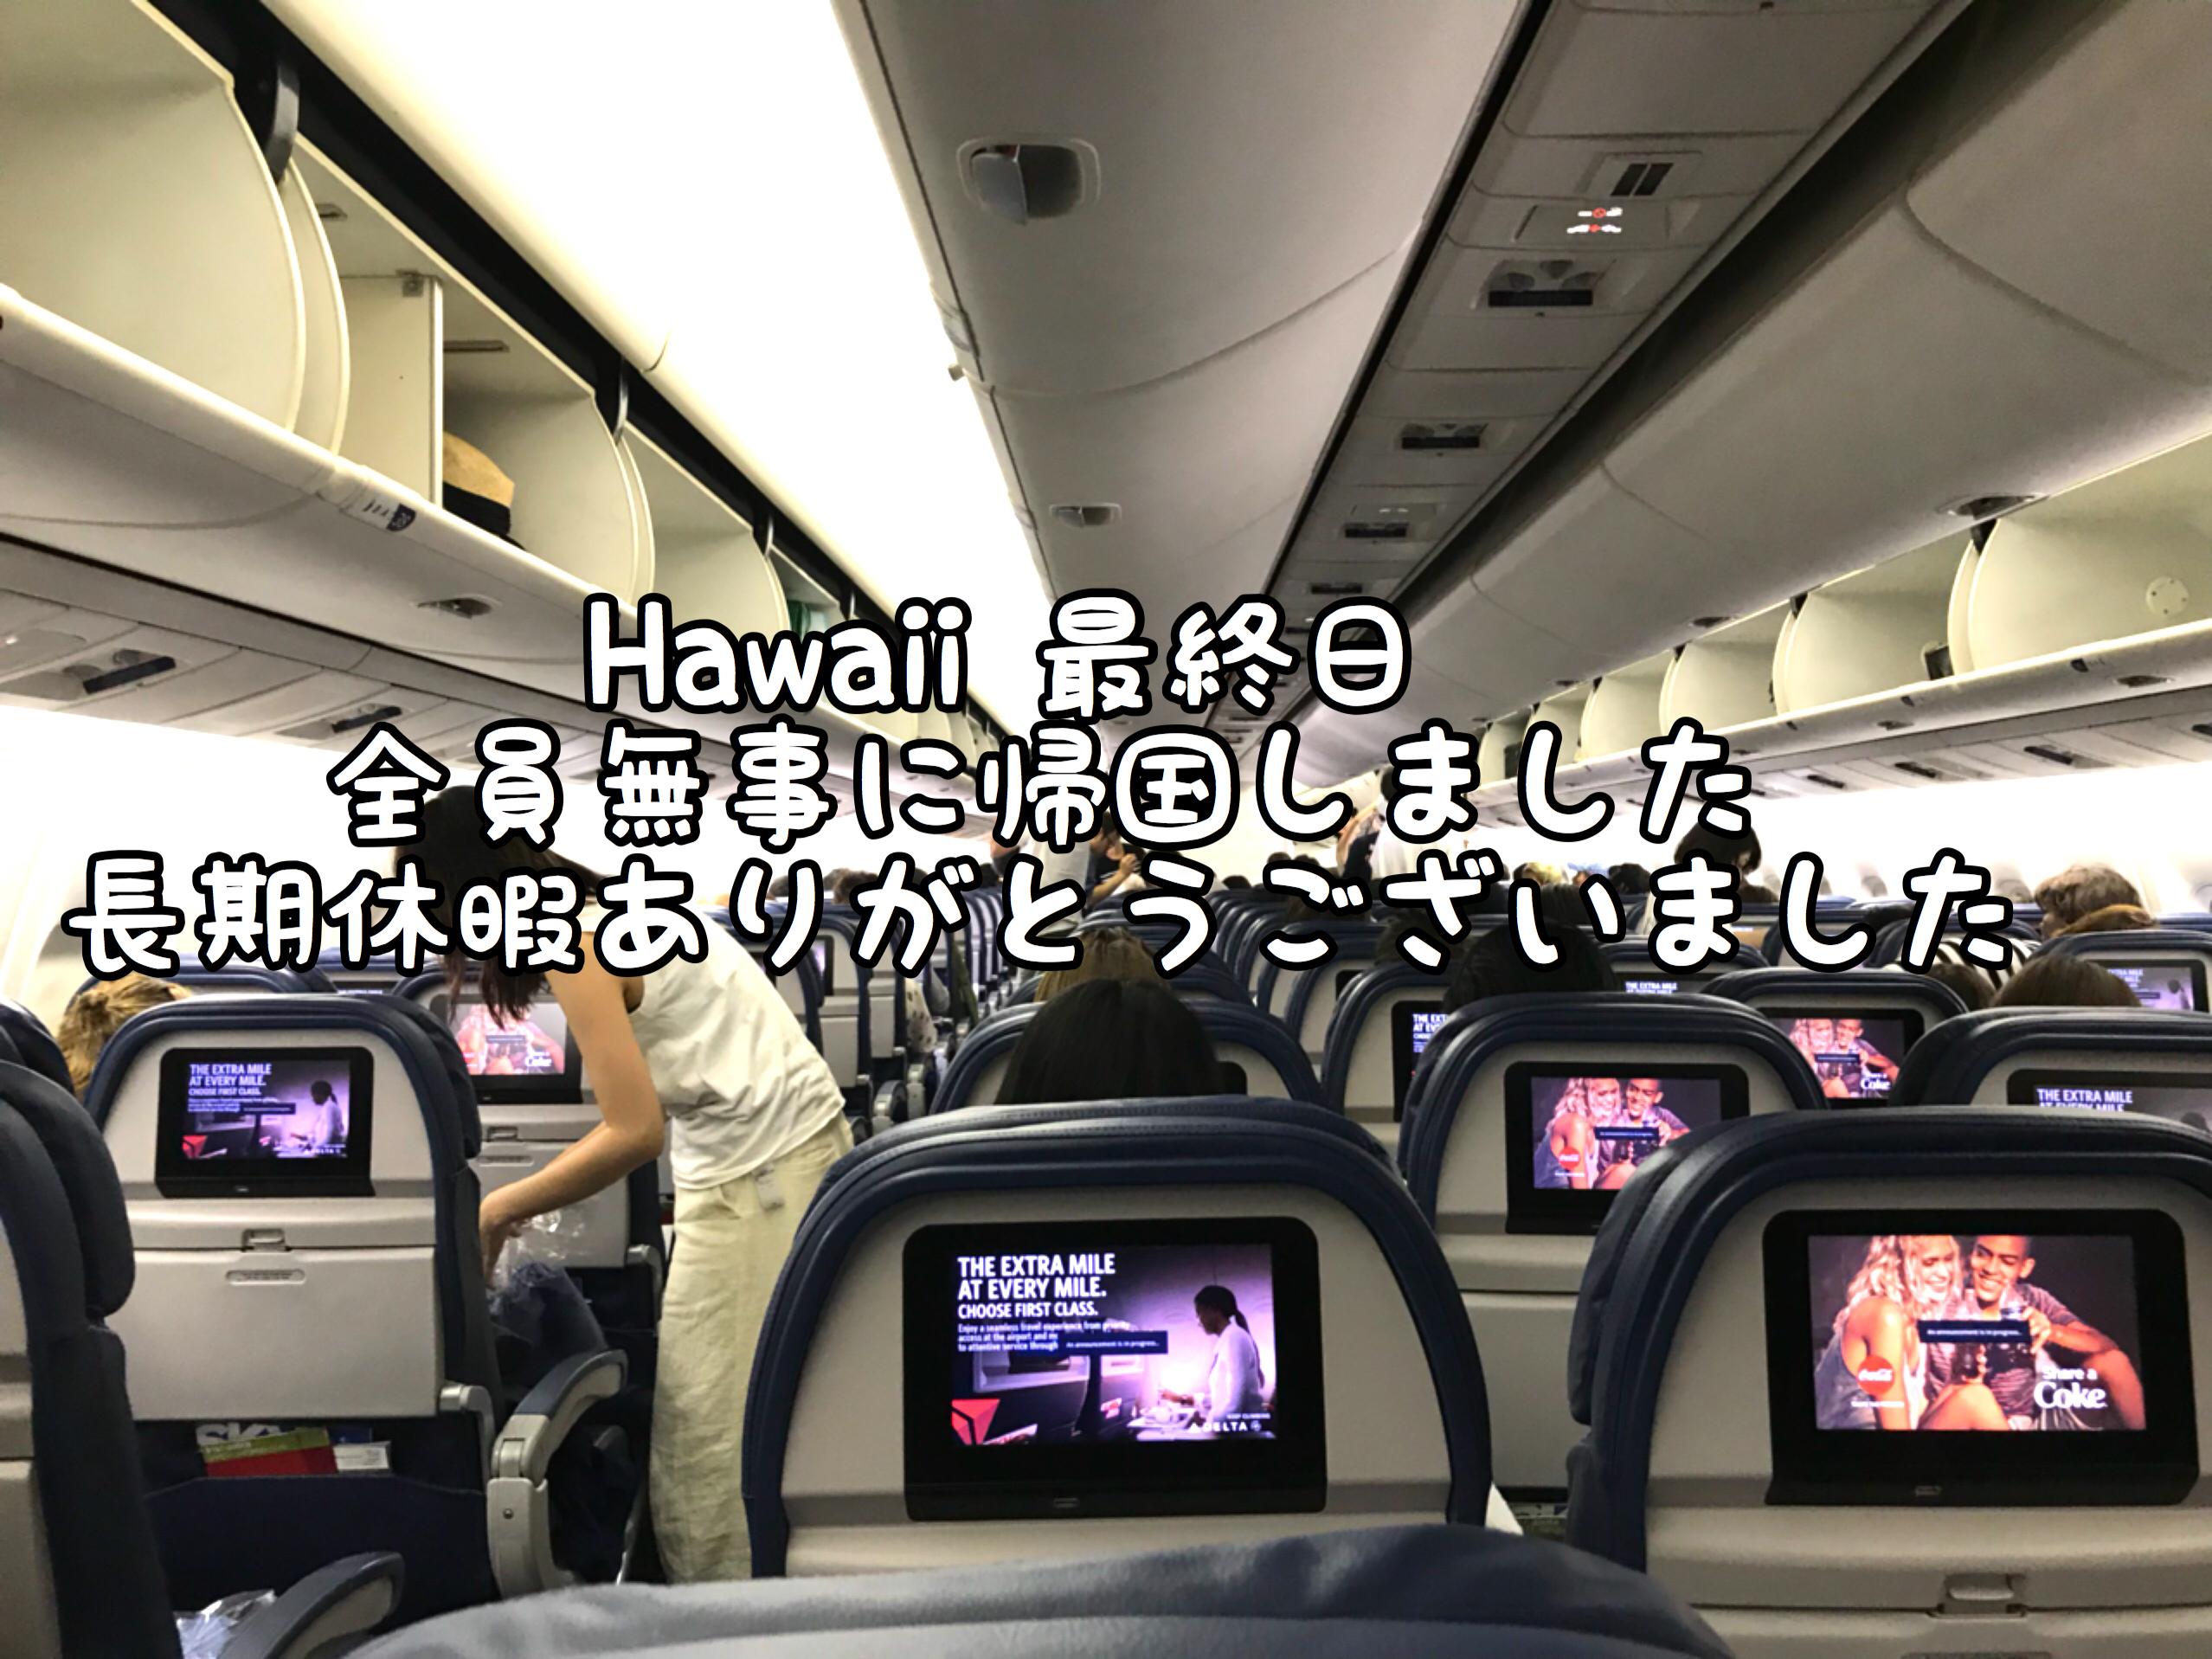 【Hawaii Day5】全員無事に帰国しました。長期間お休みをいただきありがとうございました